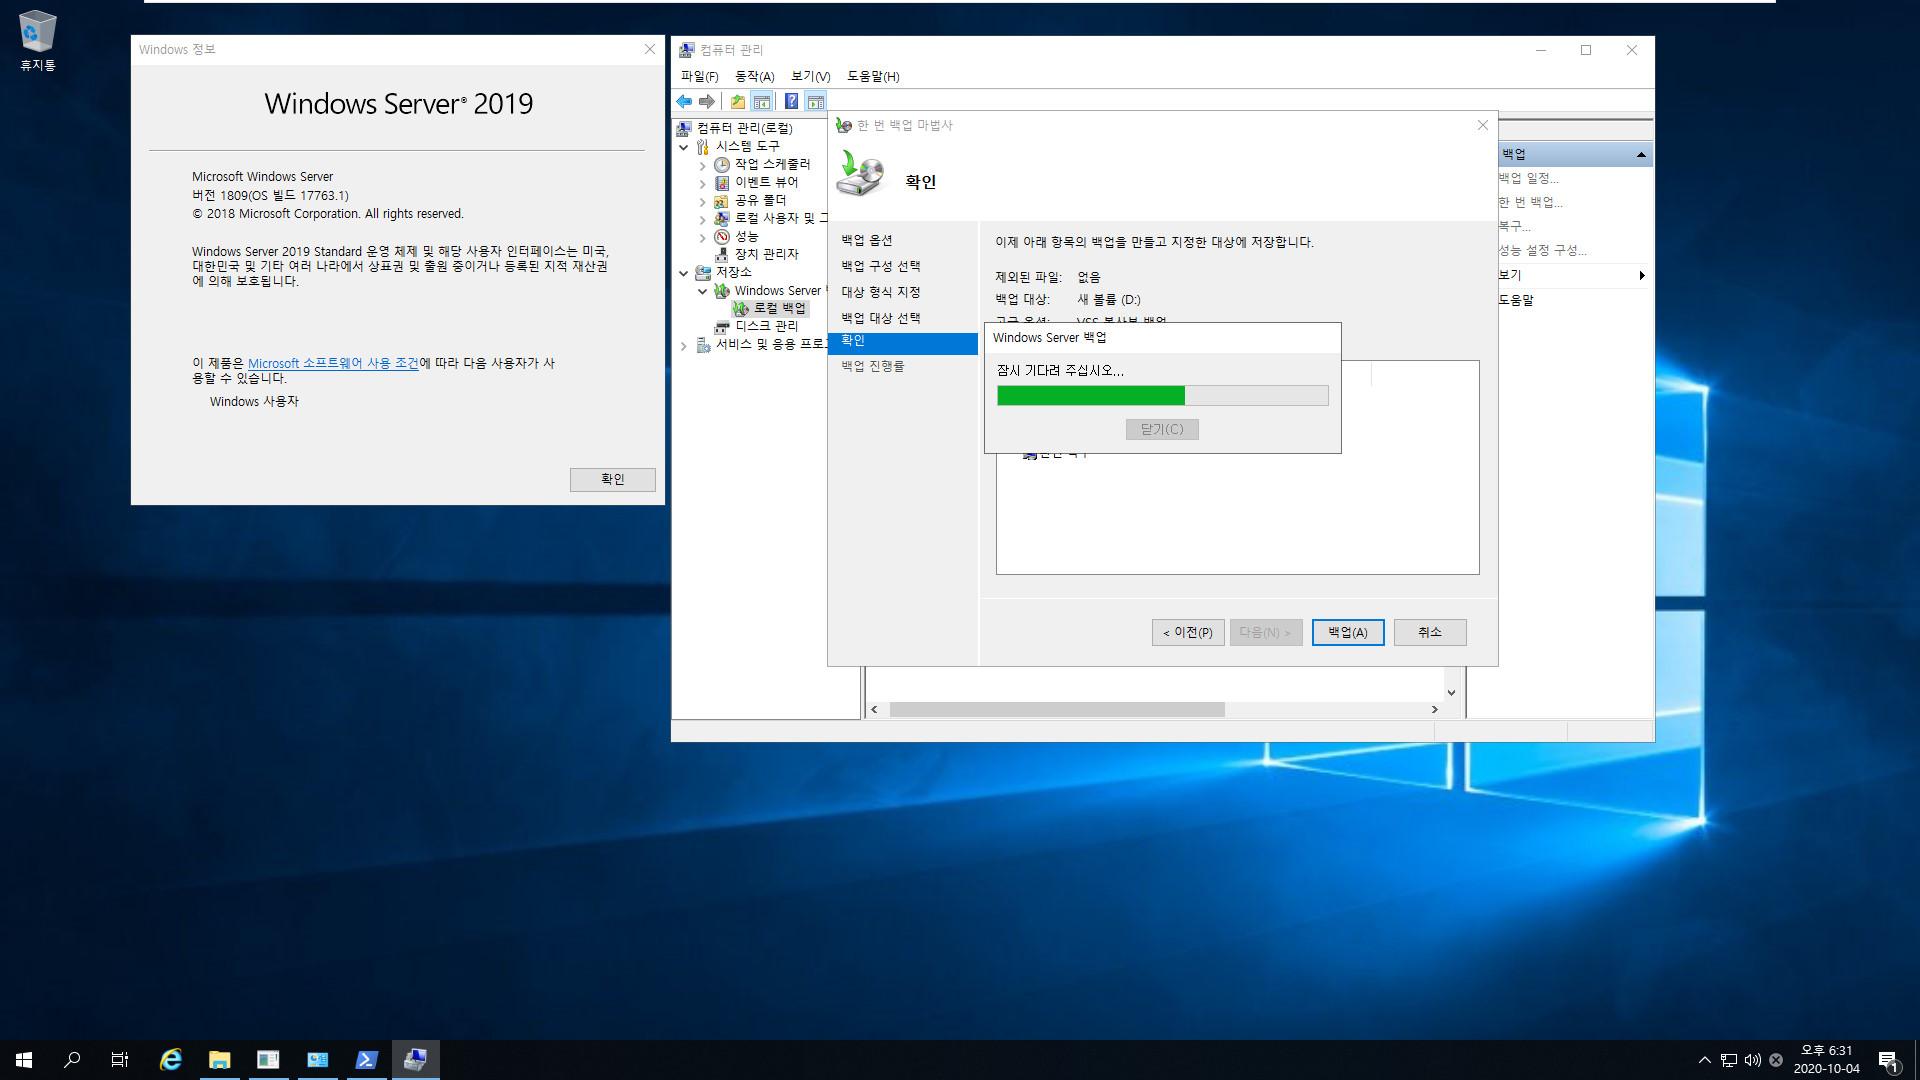 윈도우 서버군은 윈도우 사용중에도 자체 WBadmin 명령으로 윈도우 복구를 합니다 - Windows Server 2019로 복구 테스트 2020-10-04_183119.jpg